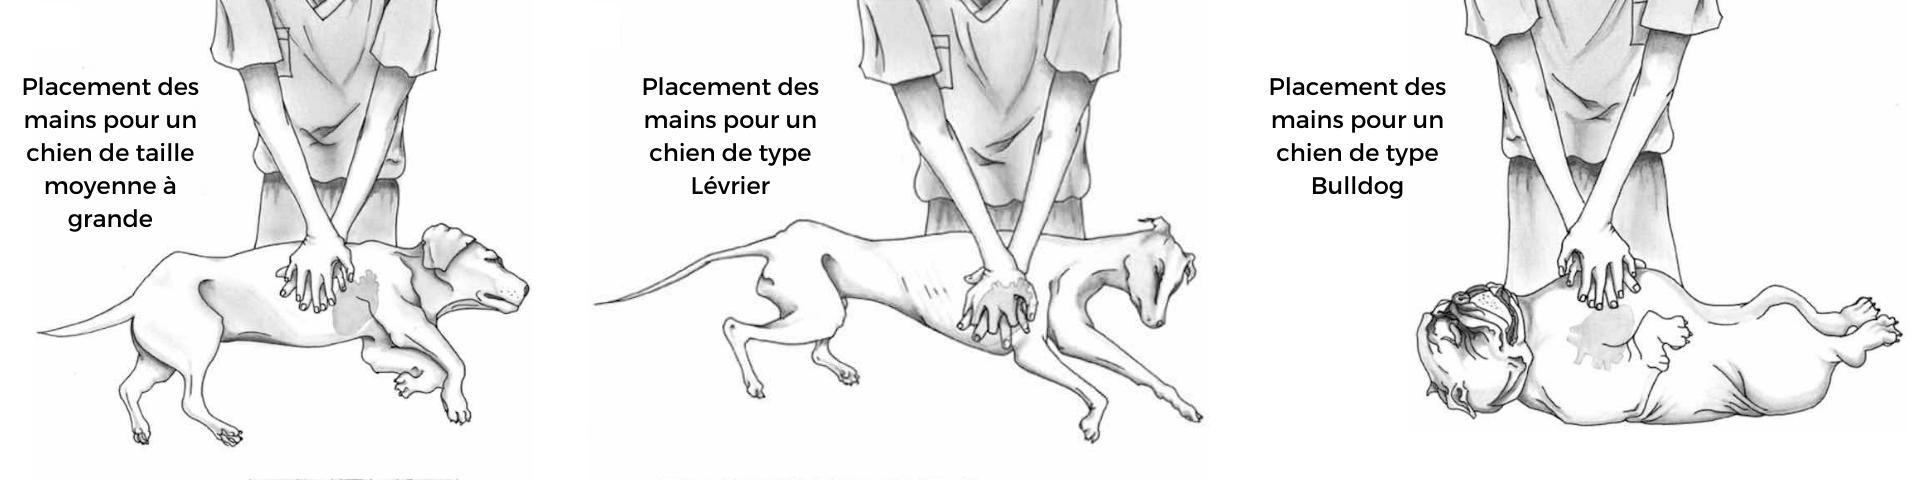 techniques de massages cardiaques sur chien